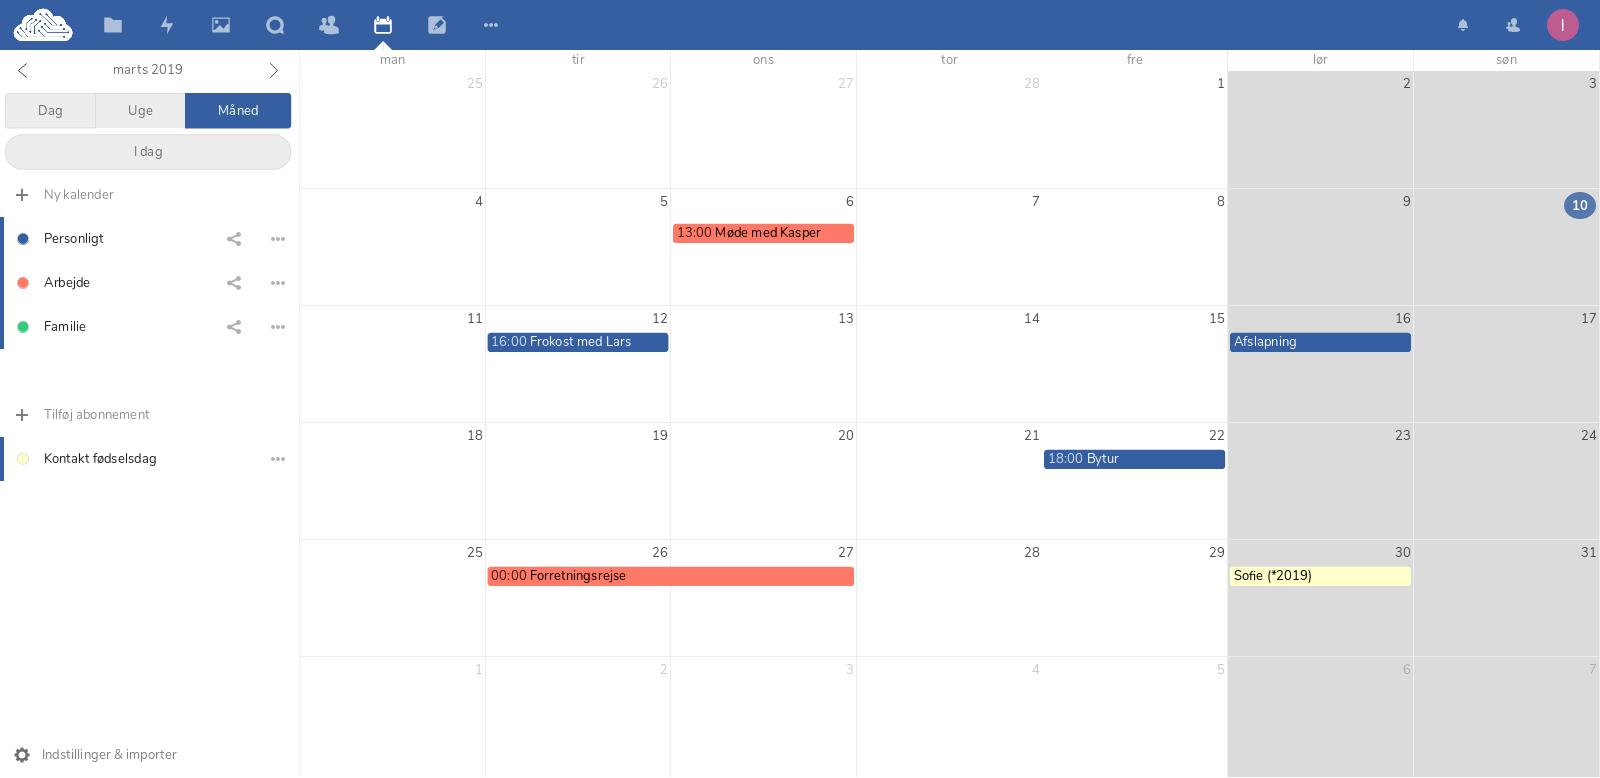 Organiser din kalender i skyen.